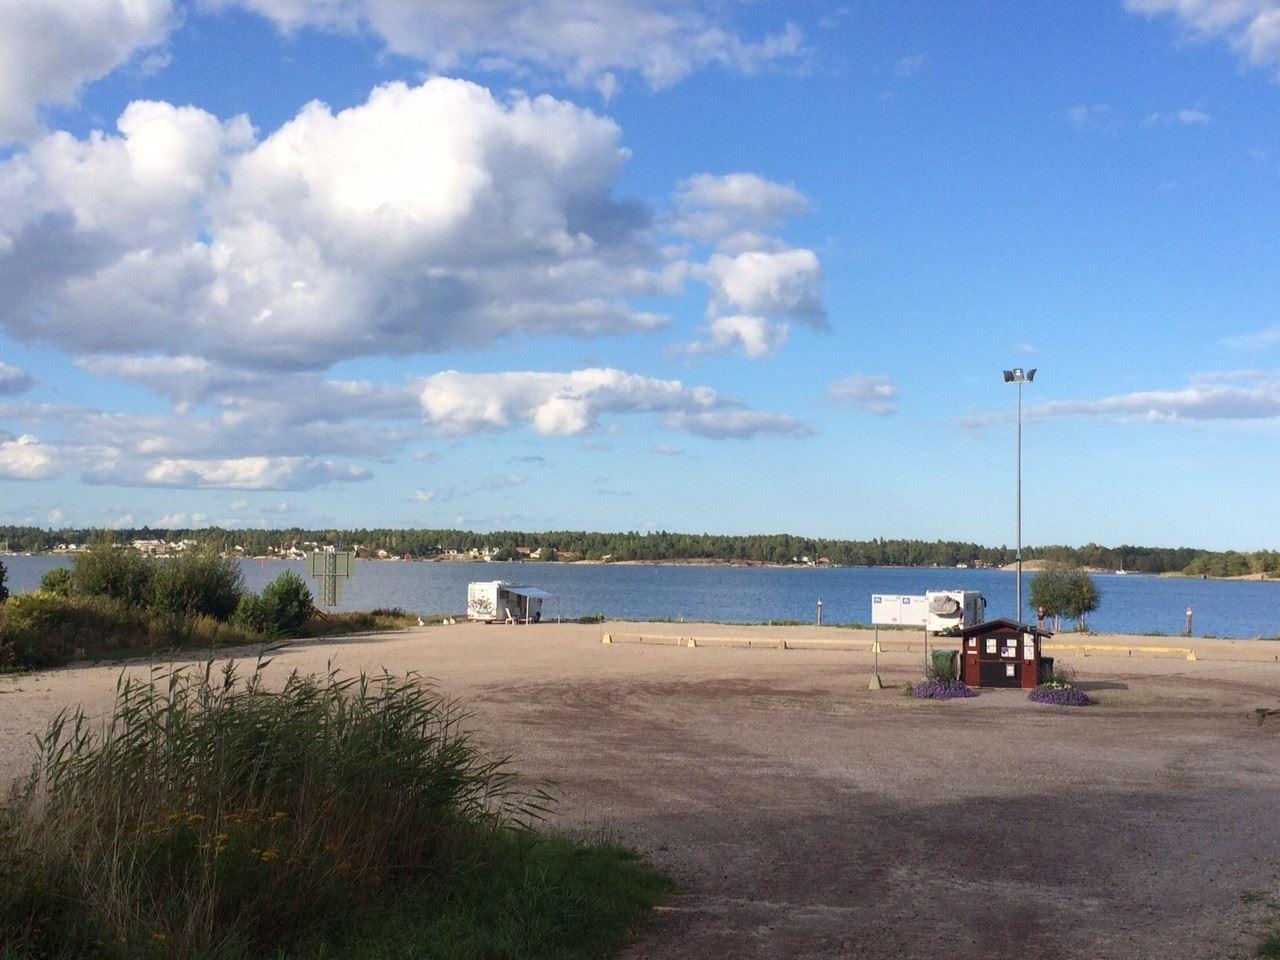 Ställplats Sågen - near Värmeverket